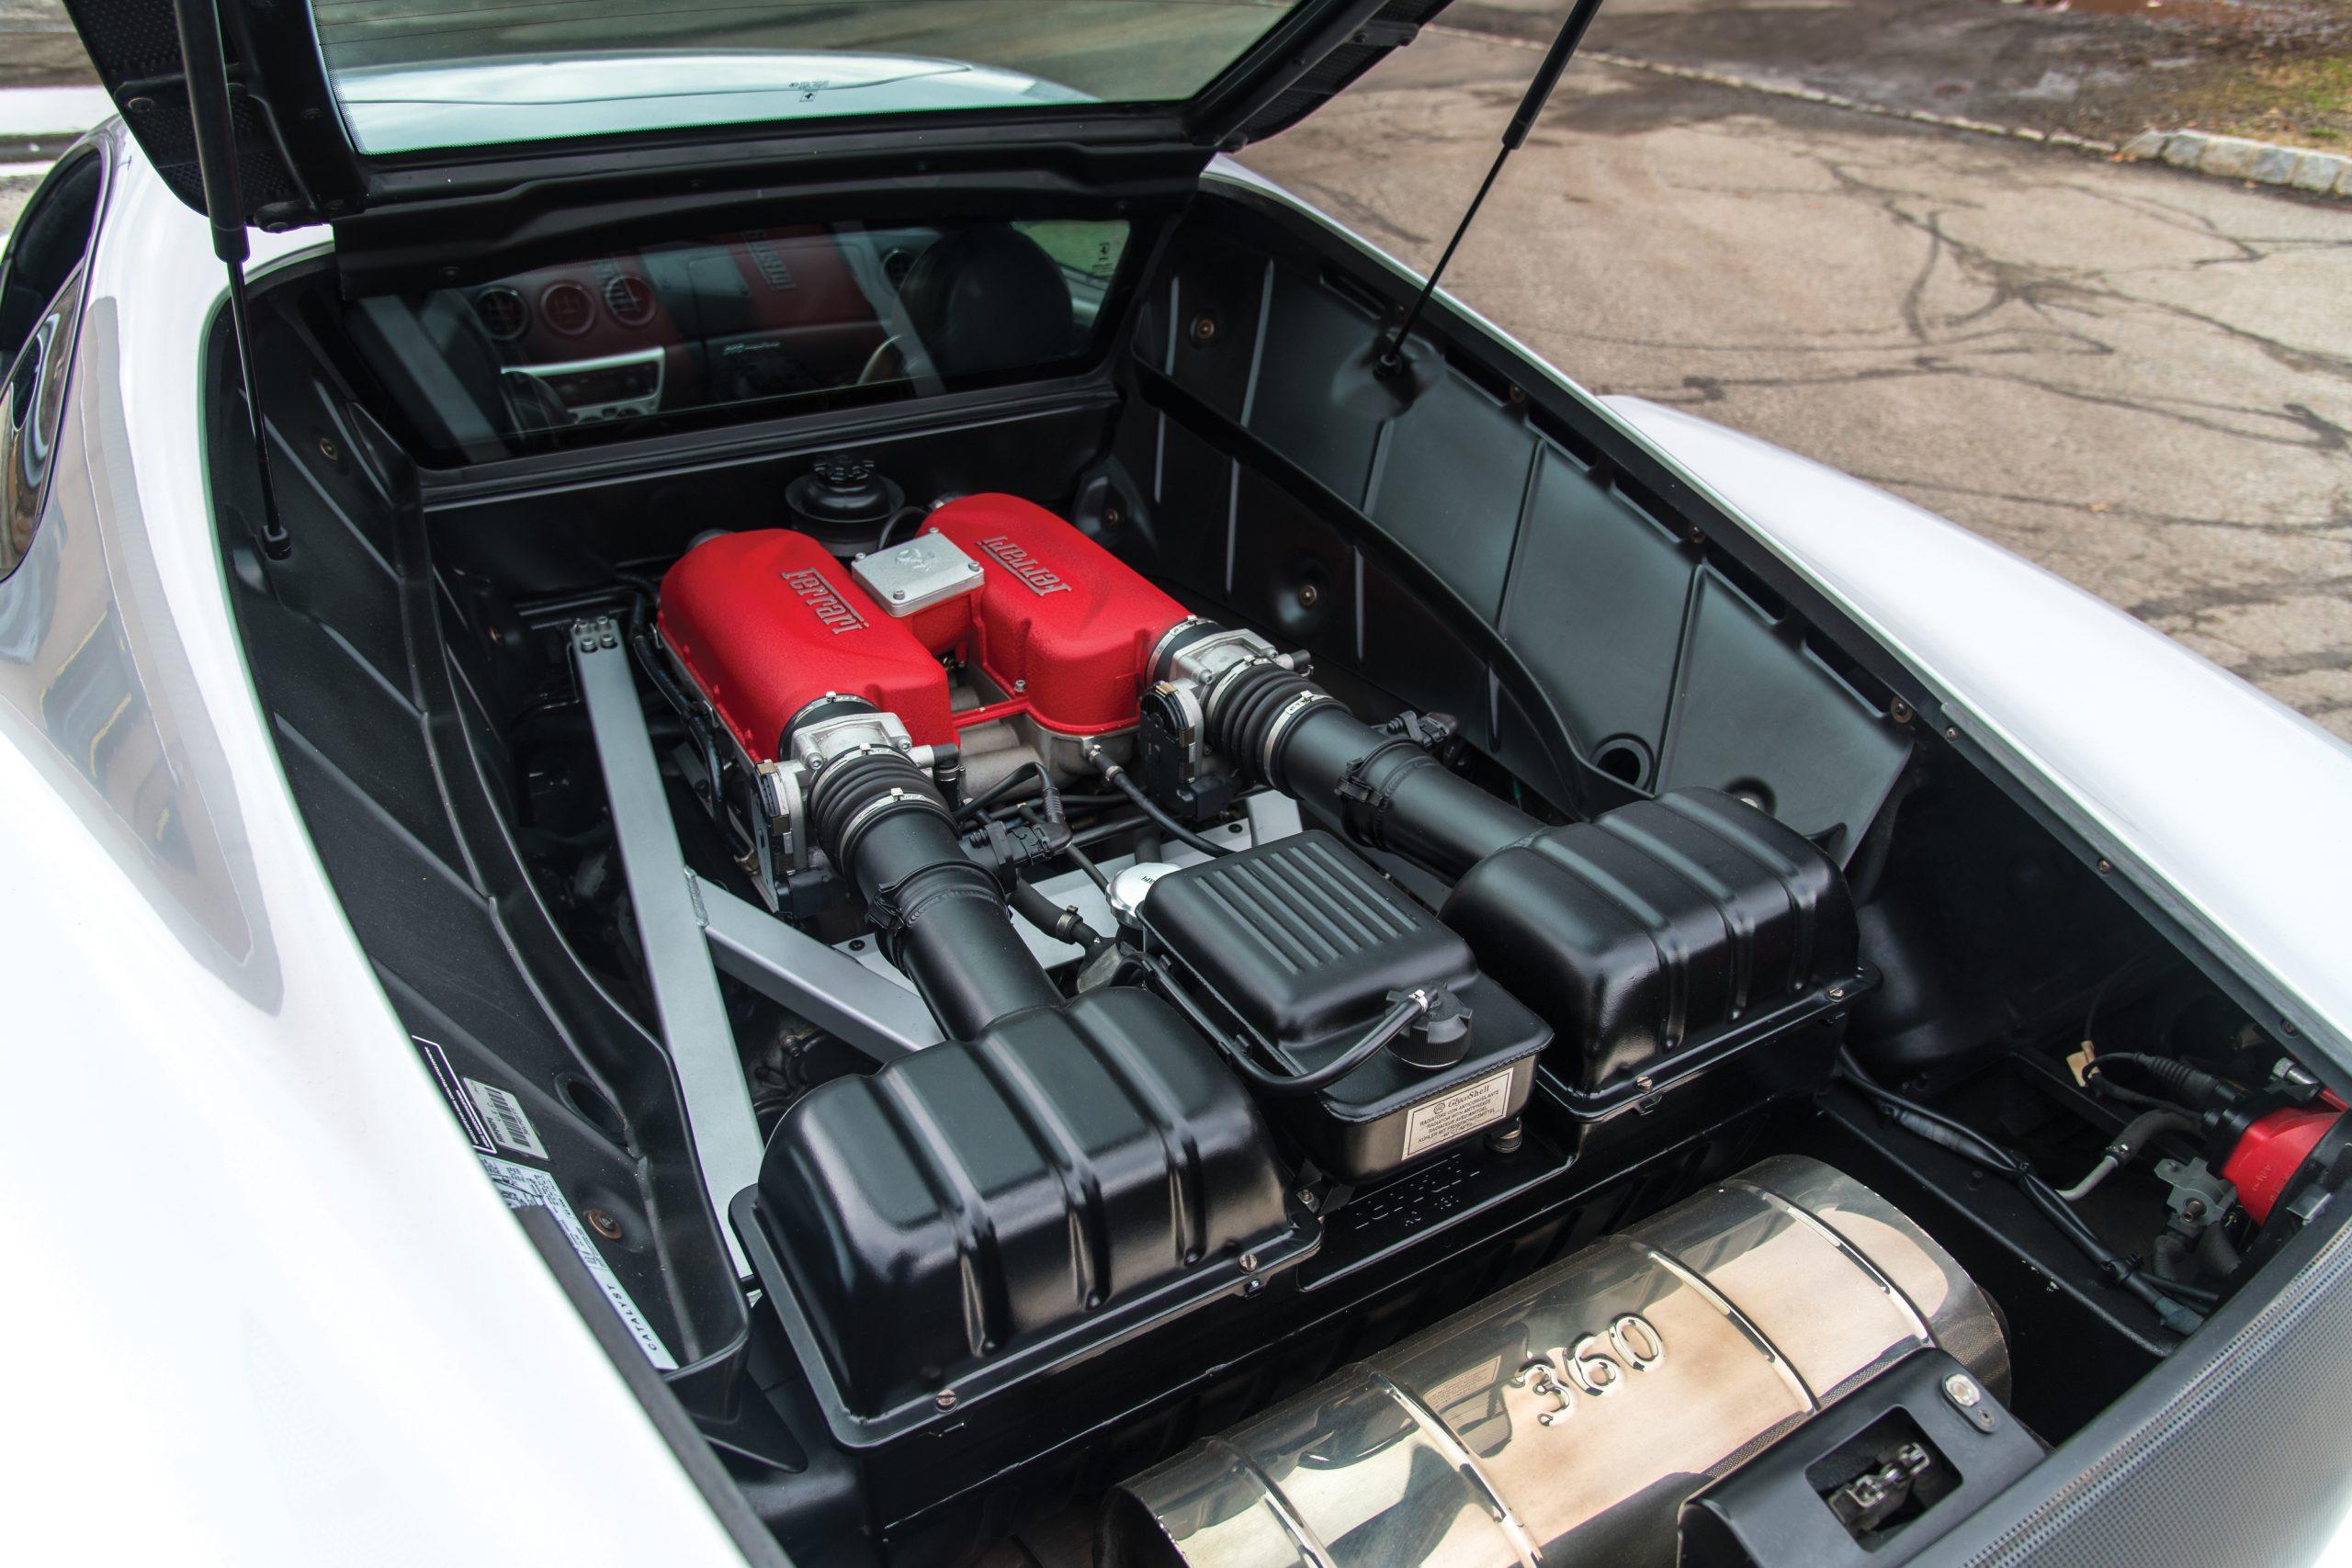 2000 Ferrari 360 Modena engine